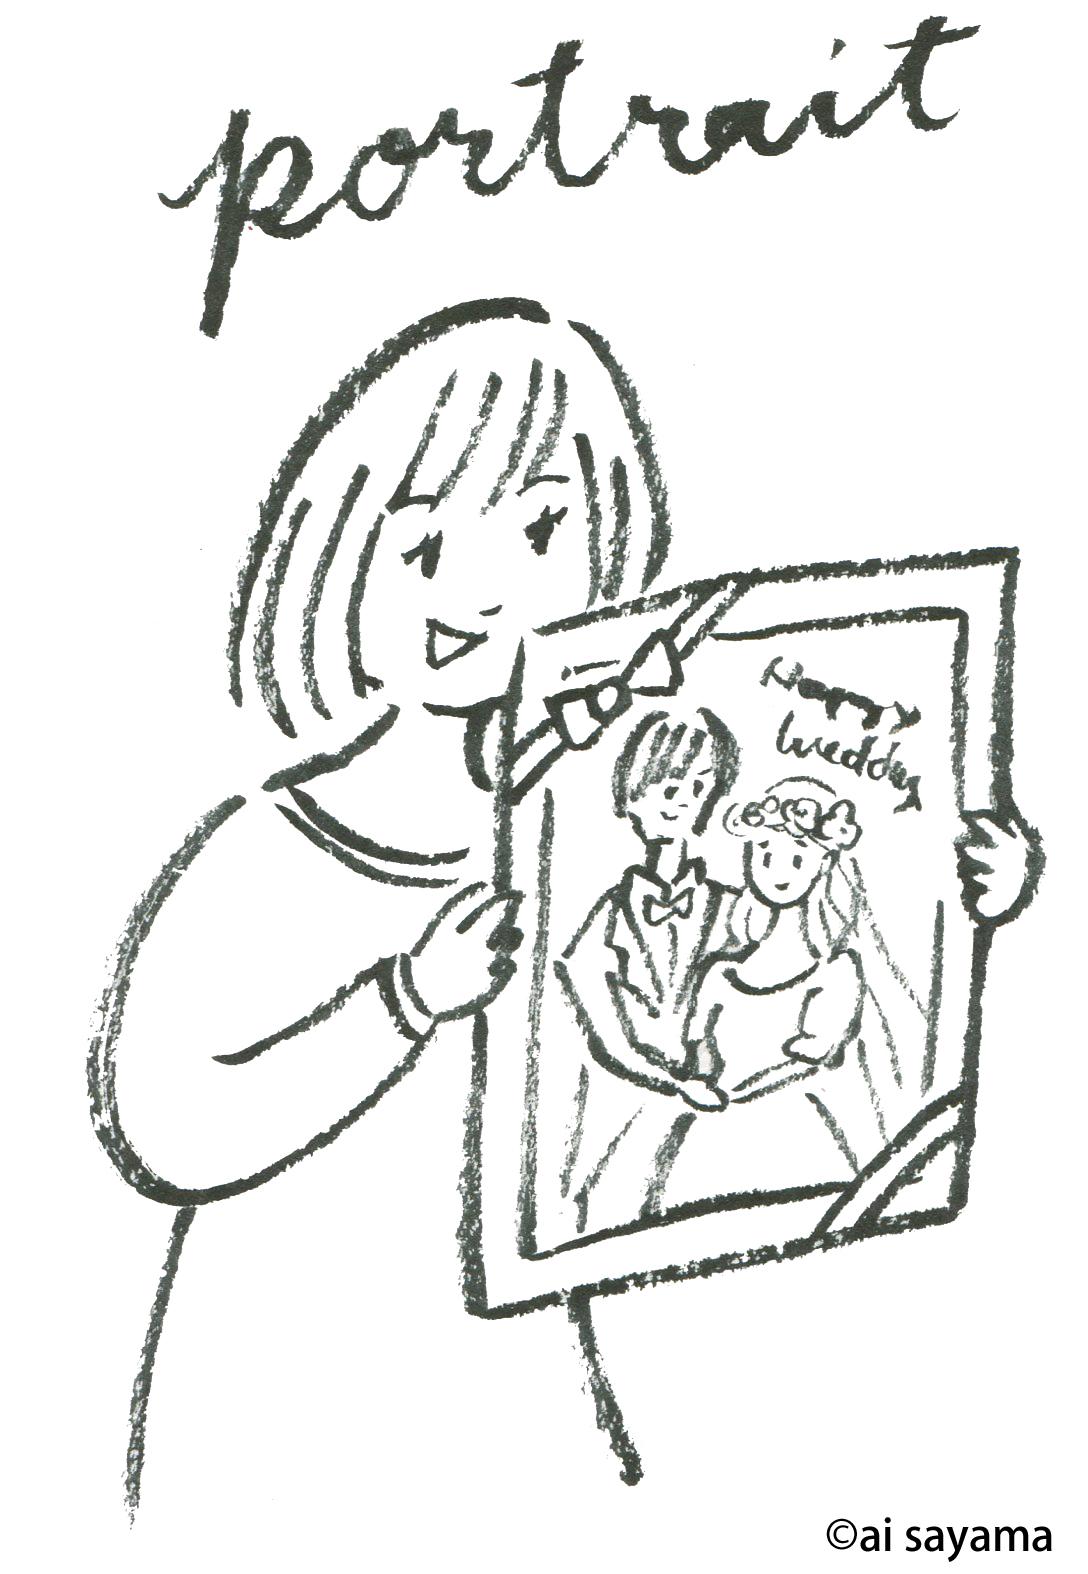 2016/3/9 1日1絵